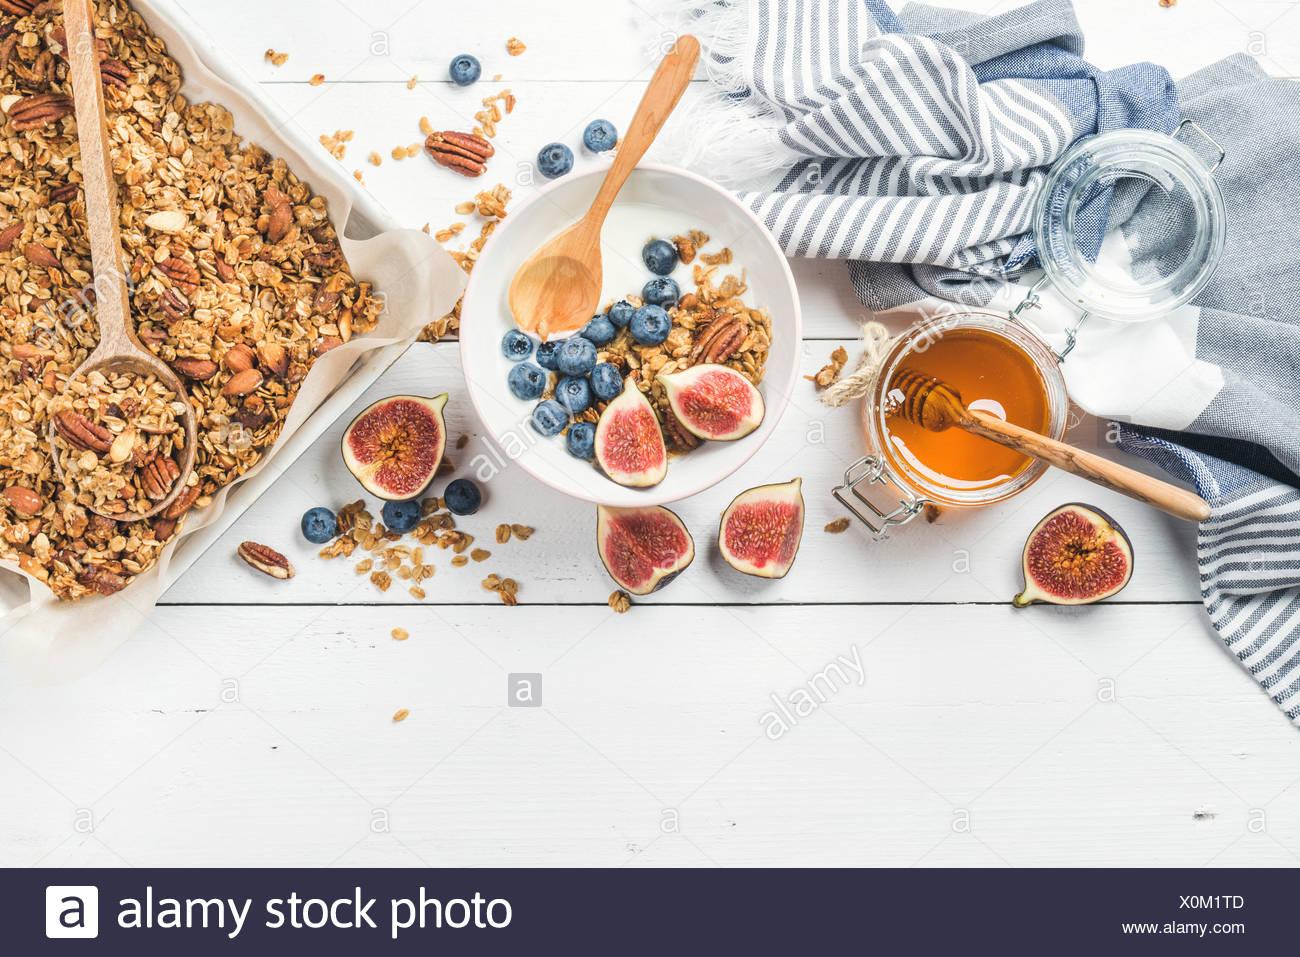 Sana colazione set. Oat granola con dadi, yogurt, miele, fichi freschi e mirtilli nella ciotola sul bianco sullo sfondo di legno, parte superiore Immagini Stock